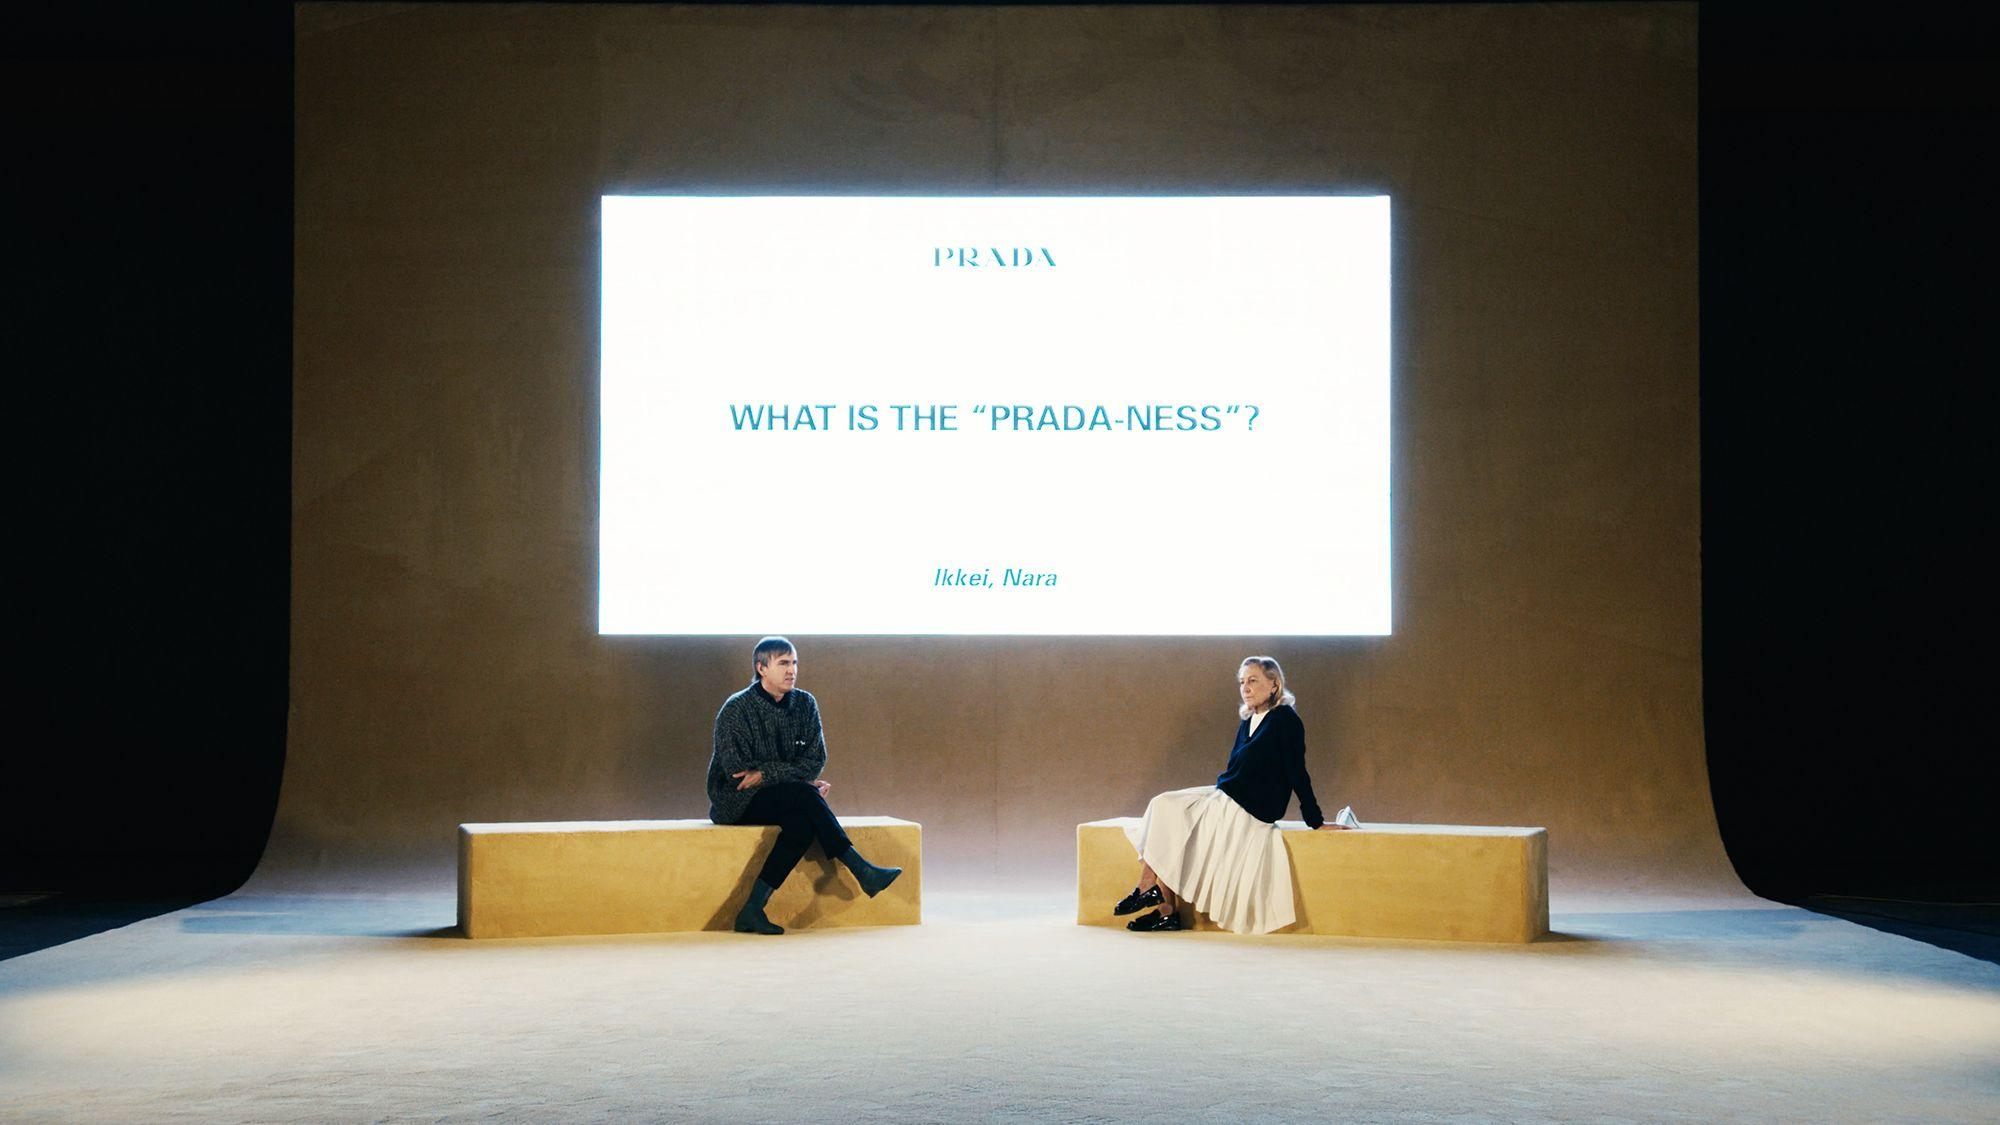 Il clou della sfilata Prada è stato il dibattito dopo lo show